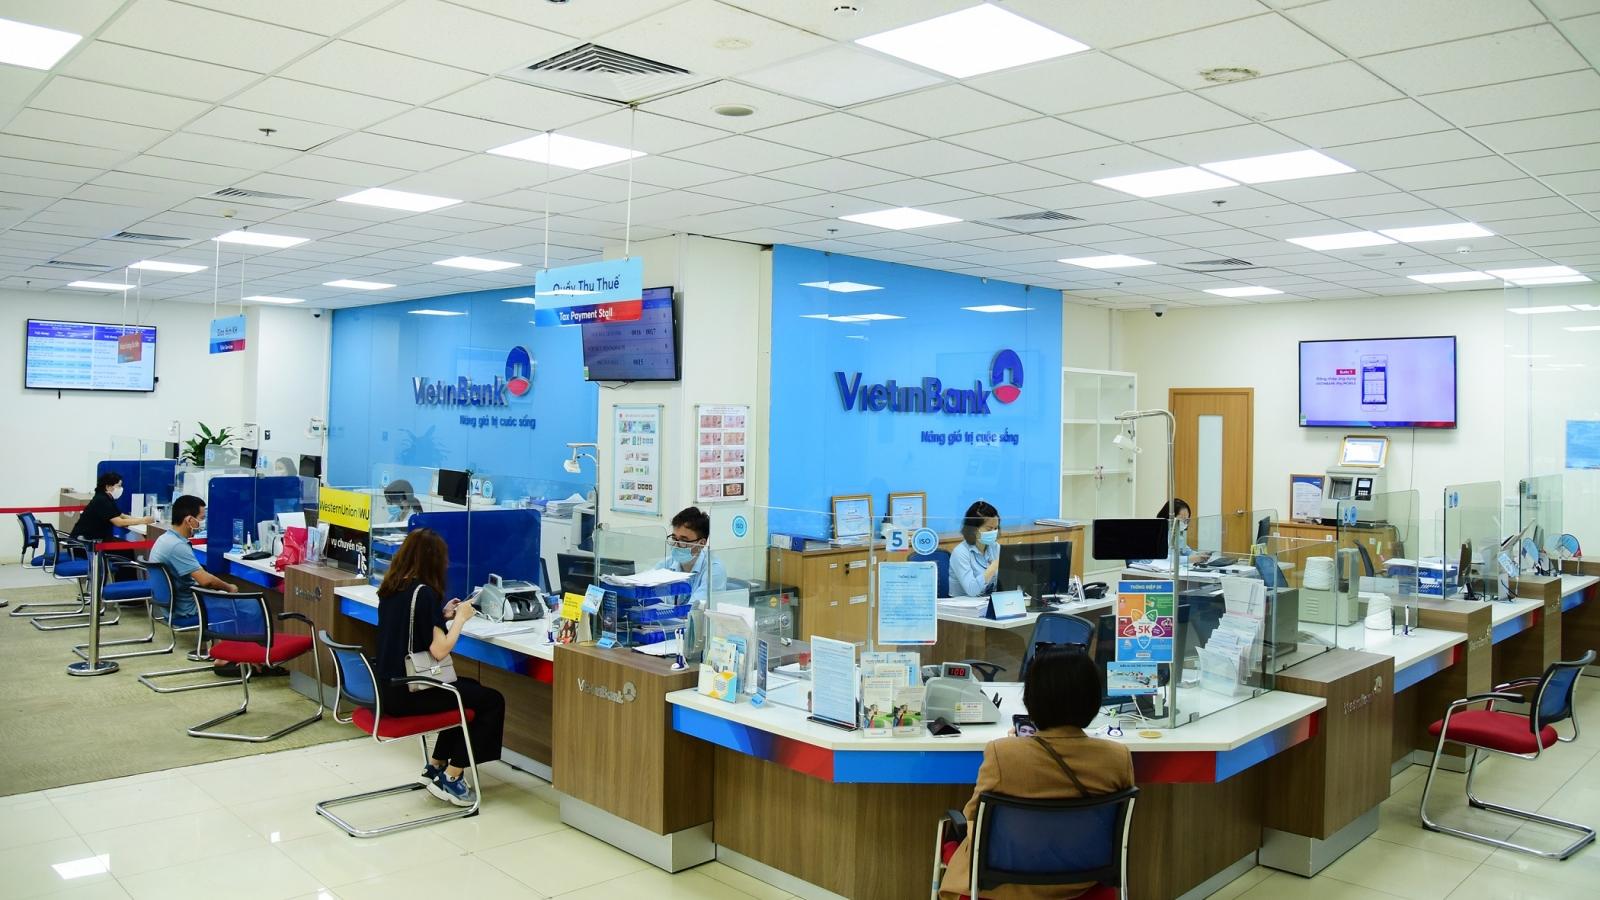 VietinBank chính thức được đầu tư bổ sung vốn nhà nước gần 7.000 tỷ đồng